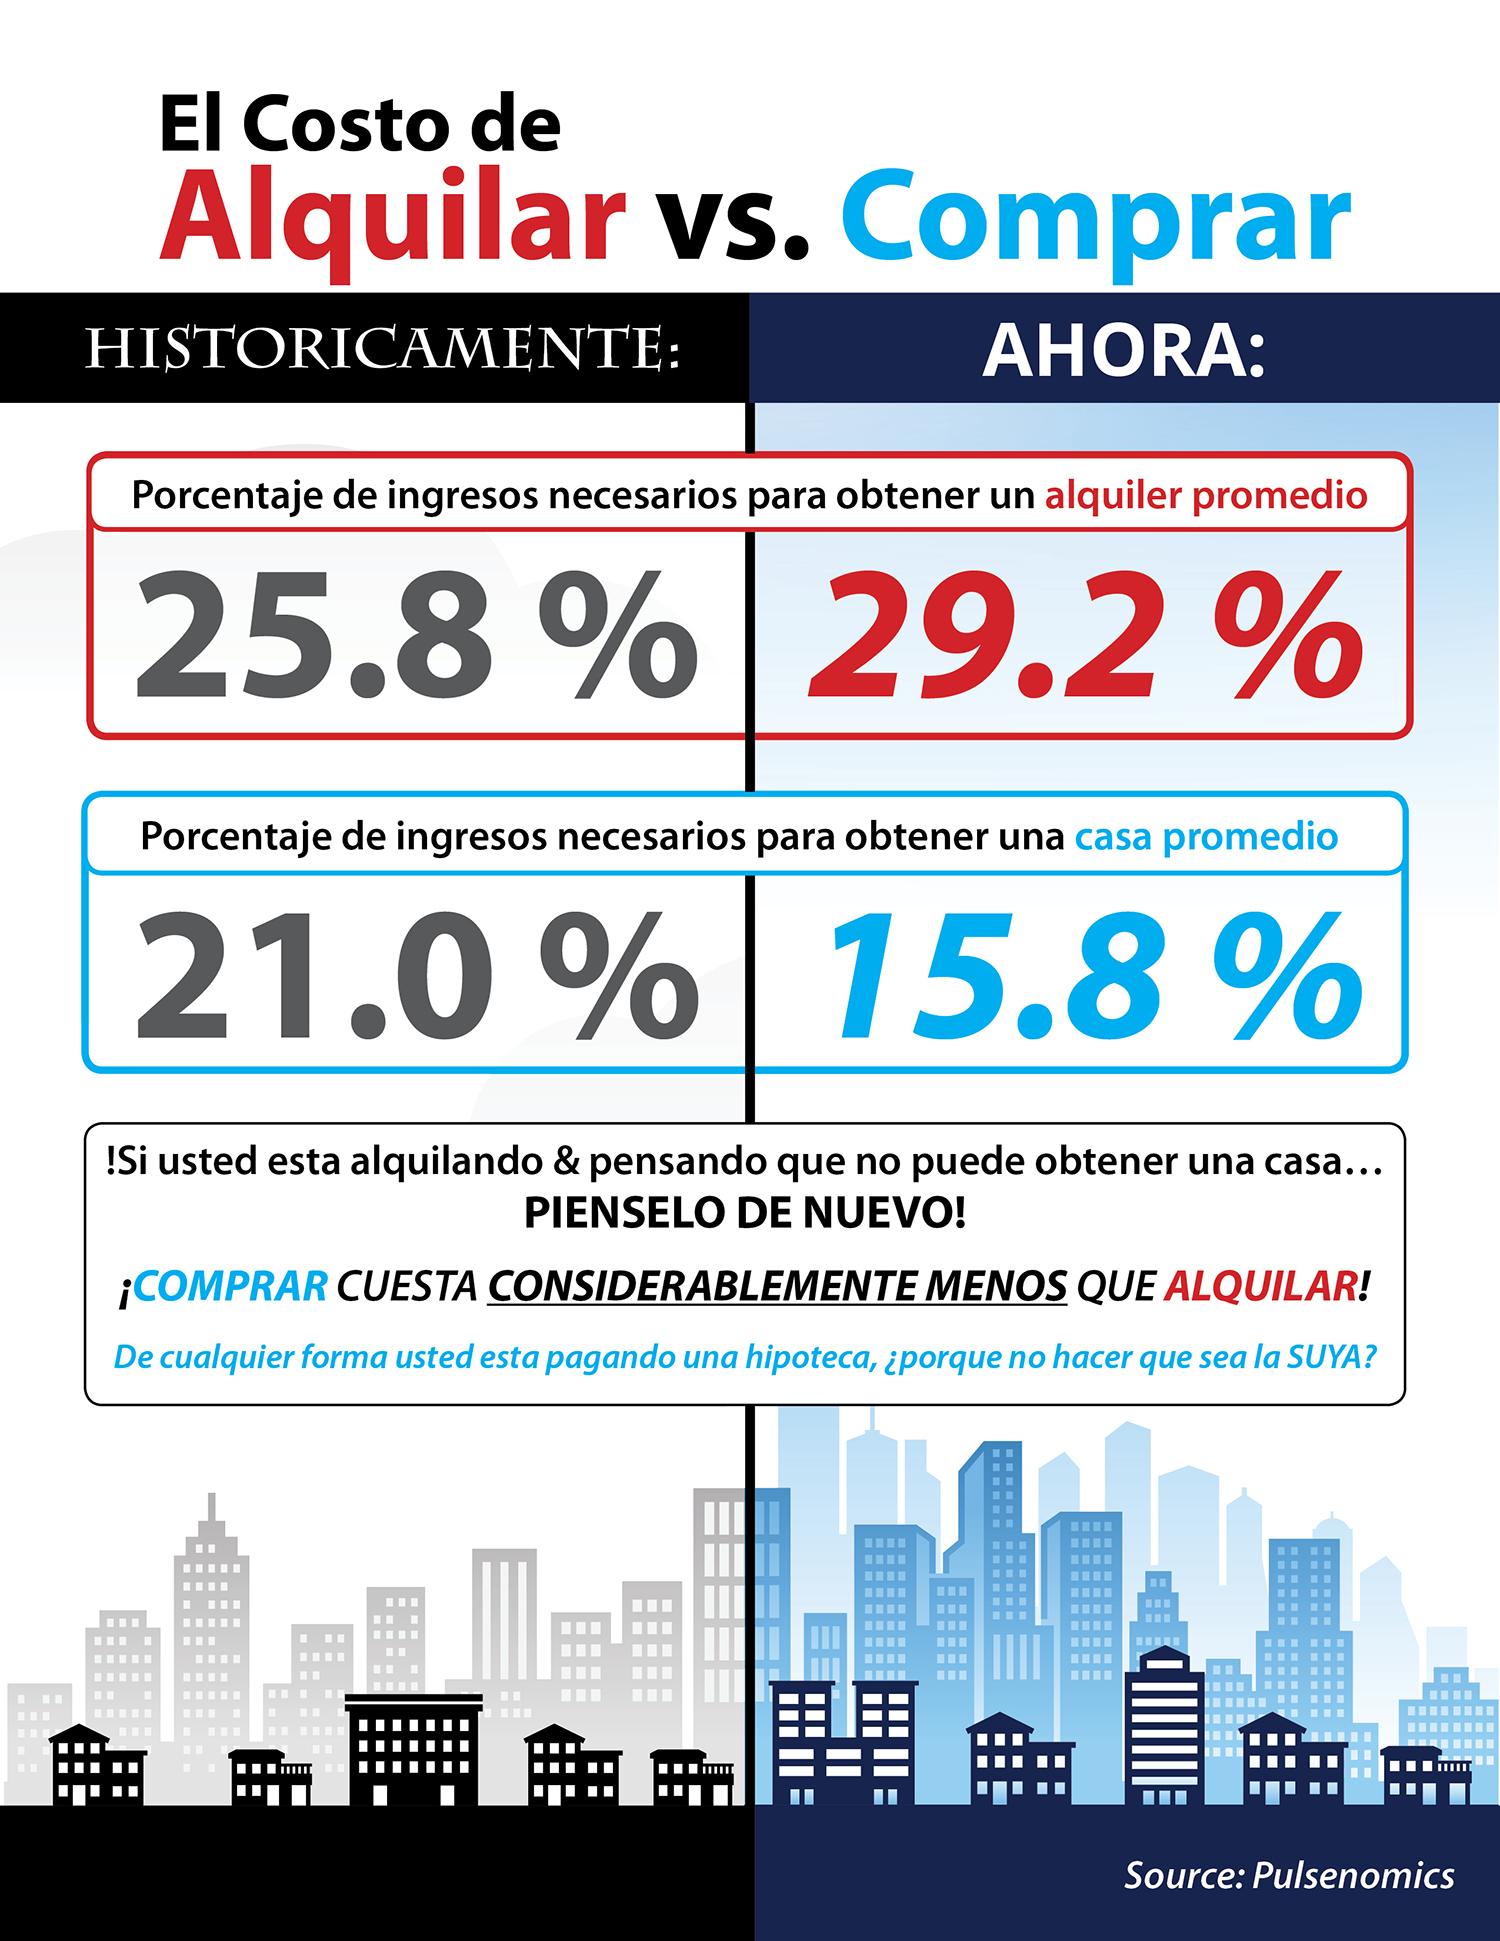 El costo de alquilar vs. comprar una casa [infografía] | Simplifying The Market